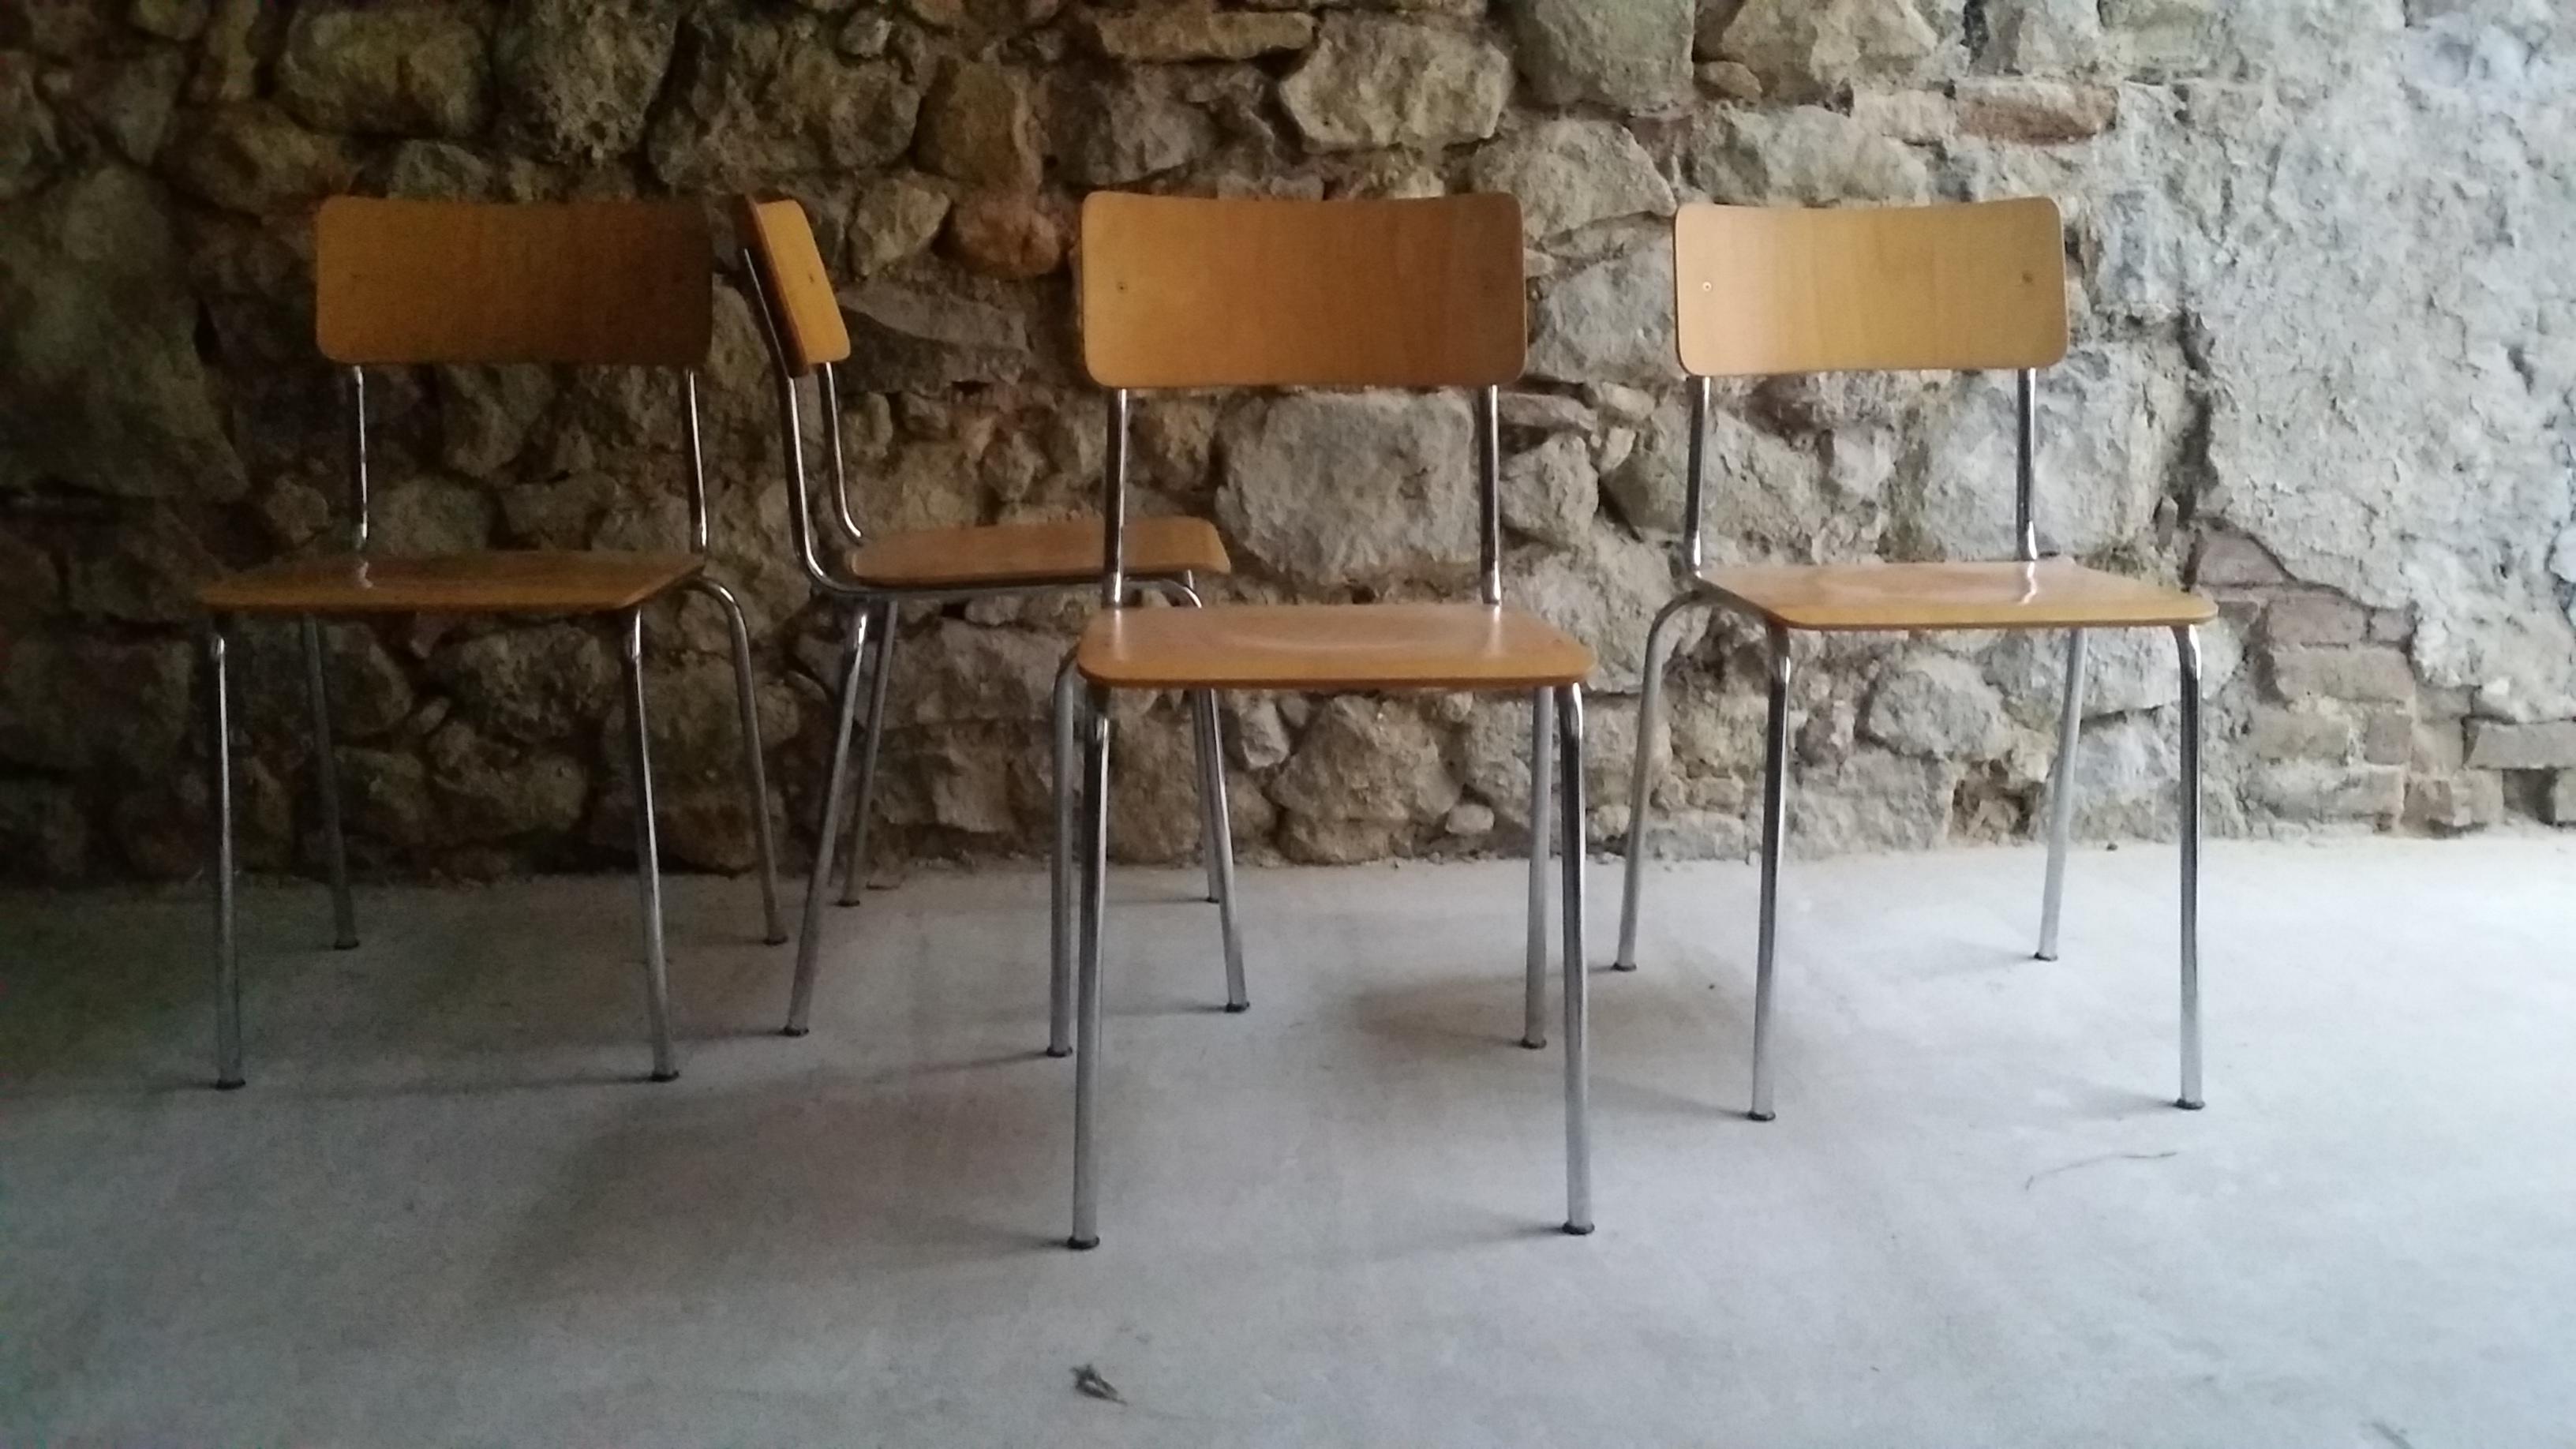 Vintage Chairs Loft Industrie Design Industrial Stühle gebraucht (7)